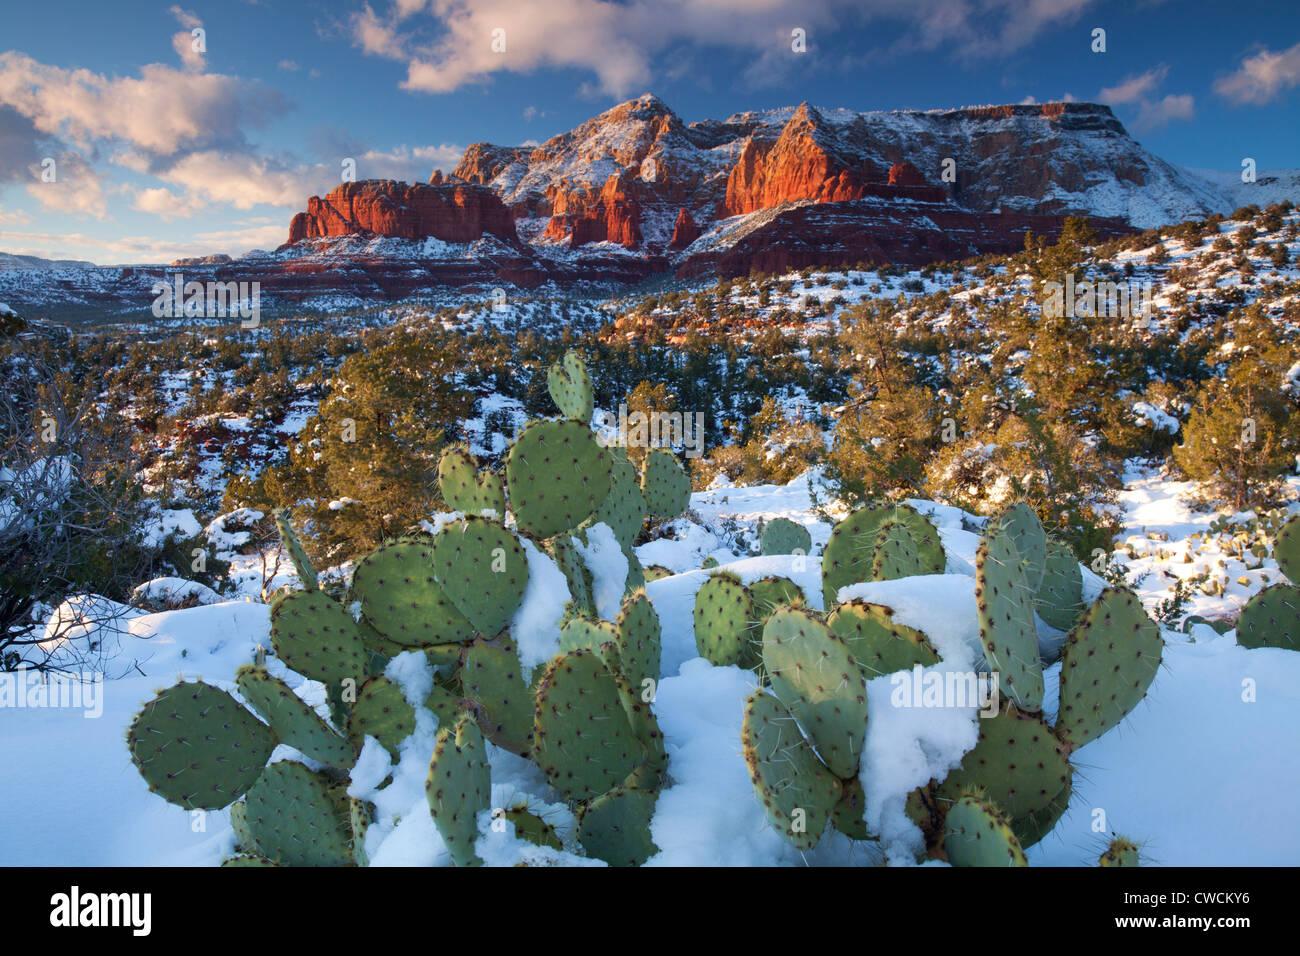 Nieve en invierno Schnebly Hill, el Bosque Nacional Coconino, Sedona, Arizona. Imagen De Stock